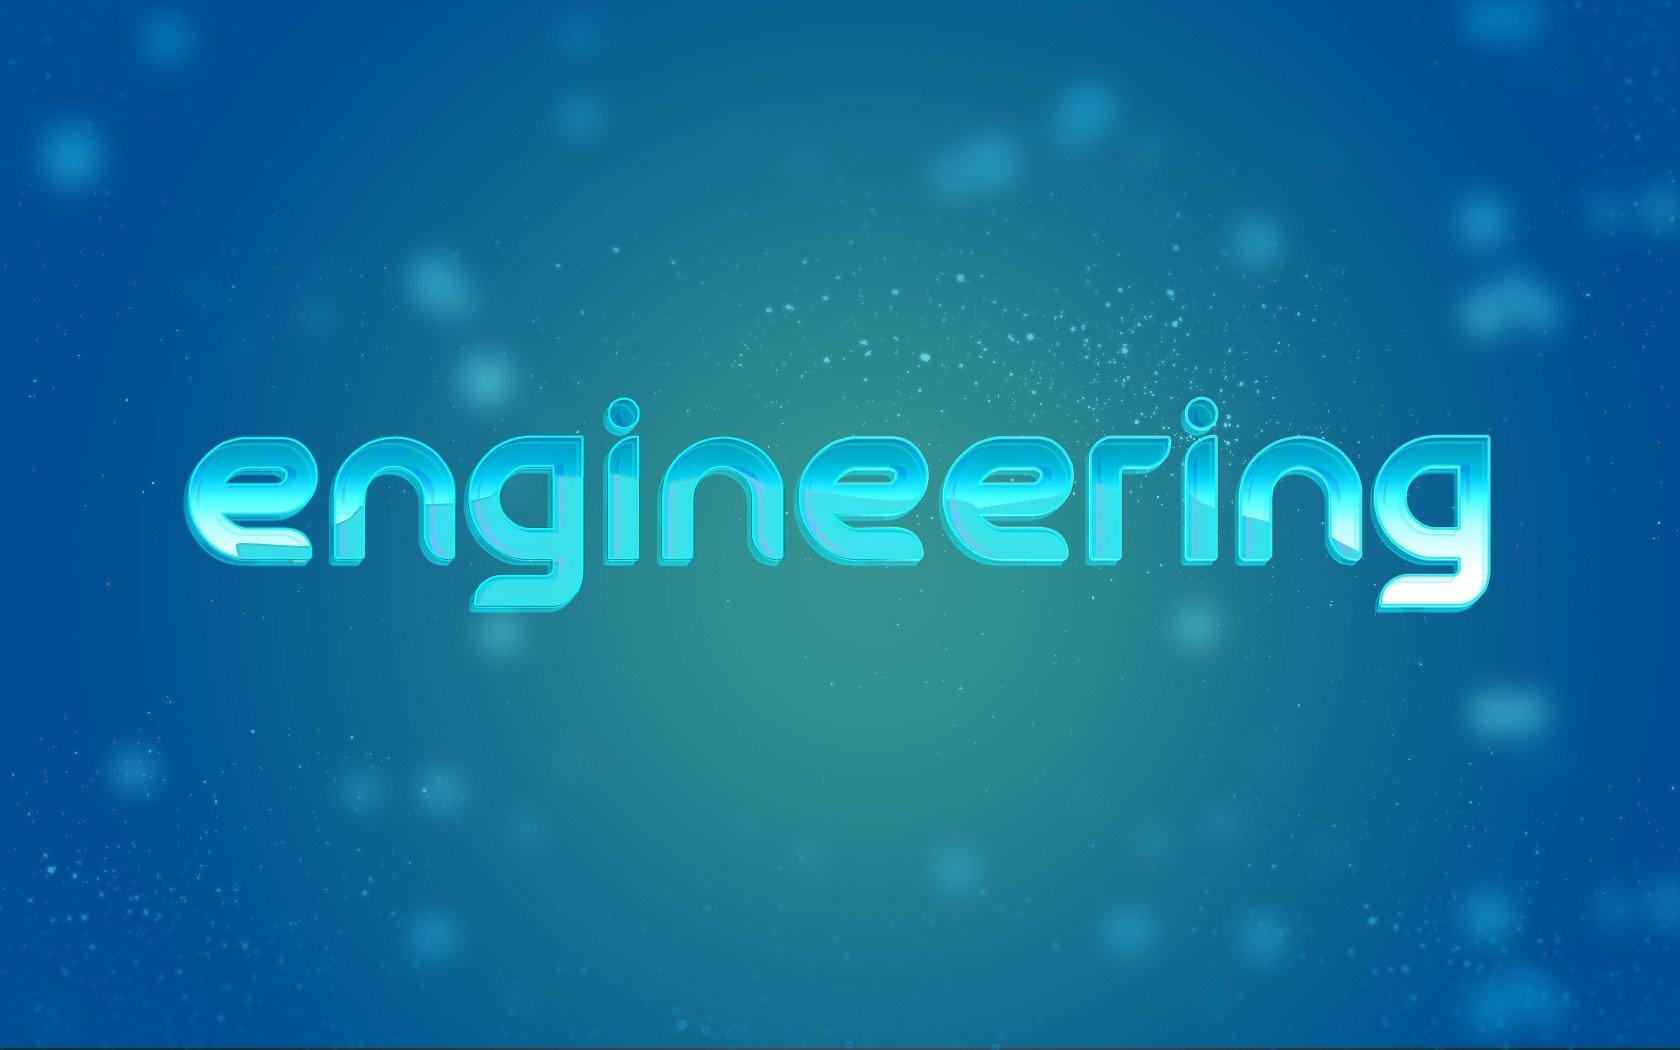 engineering wallpaper 1 1680x1050